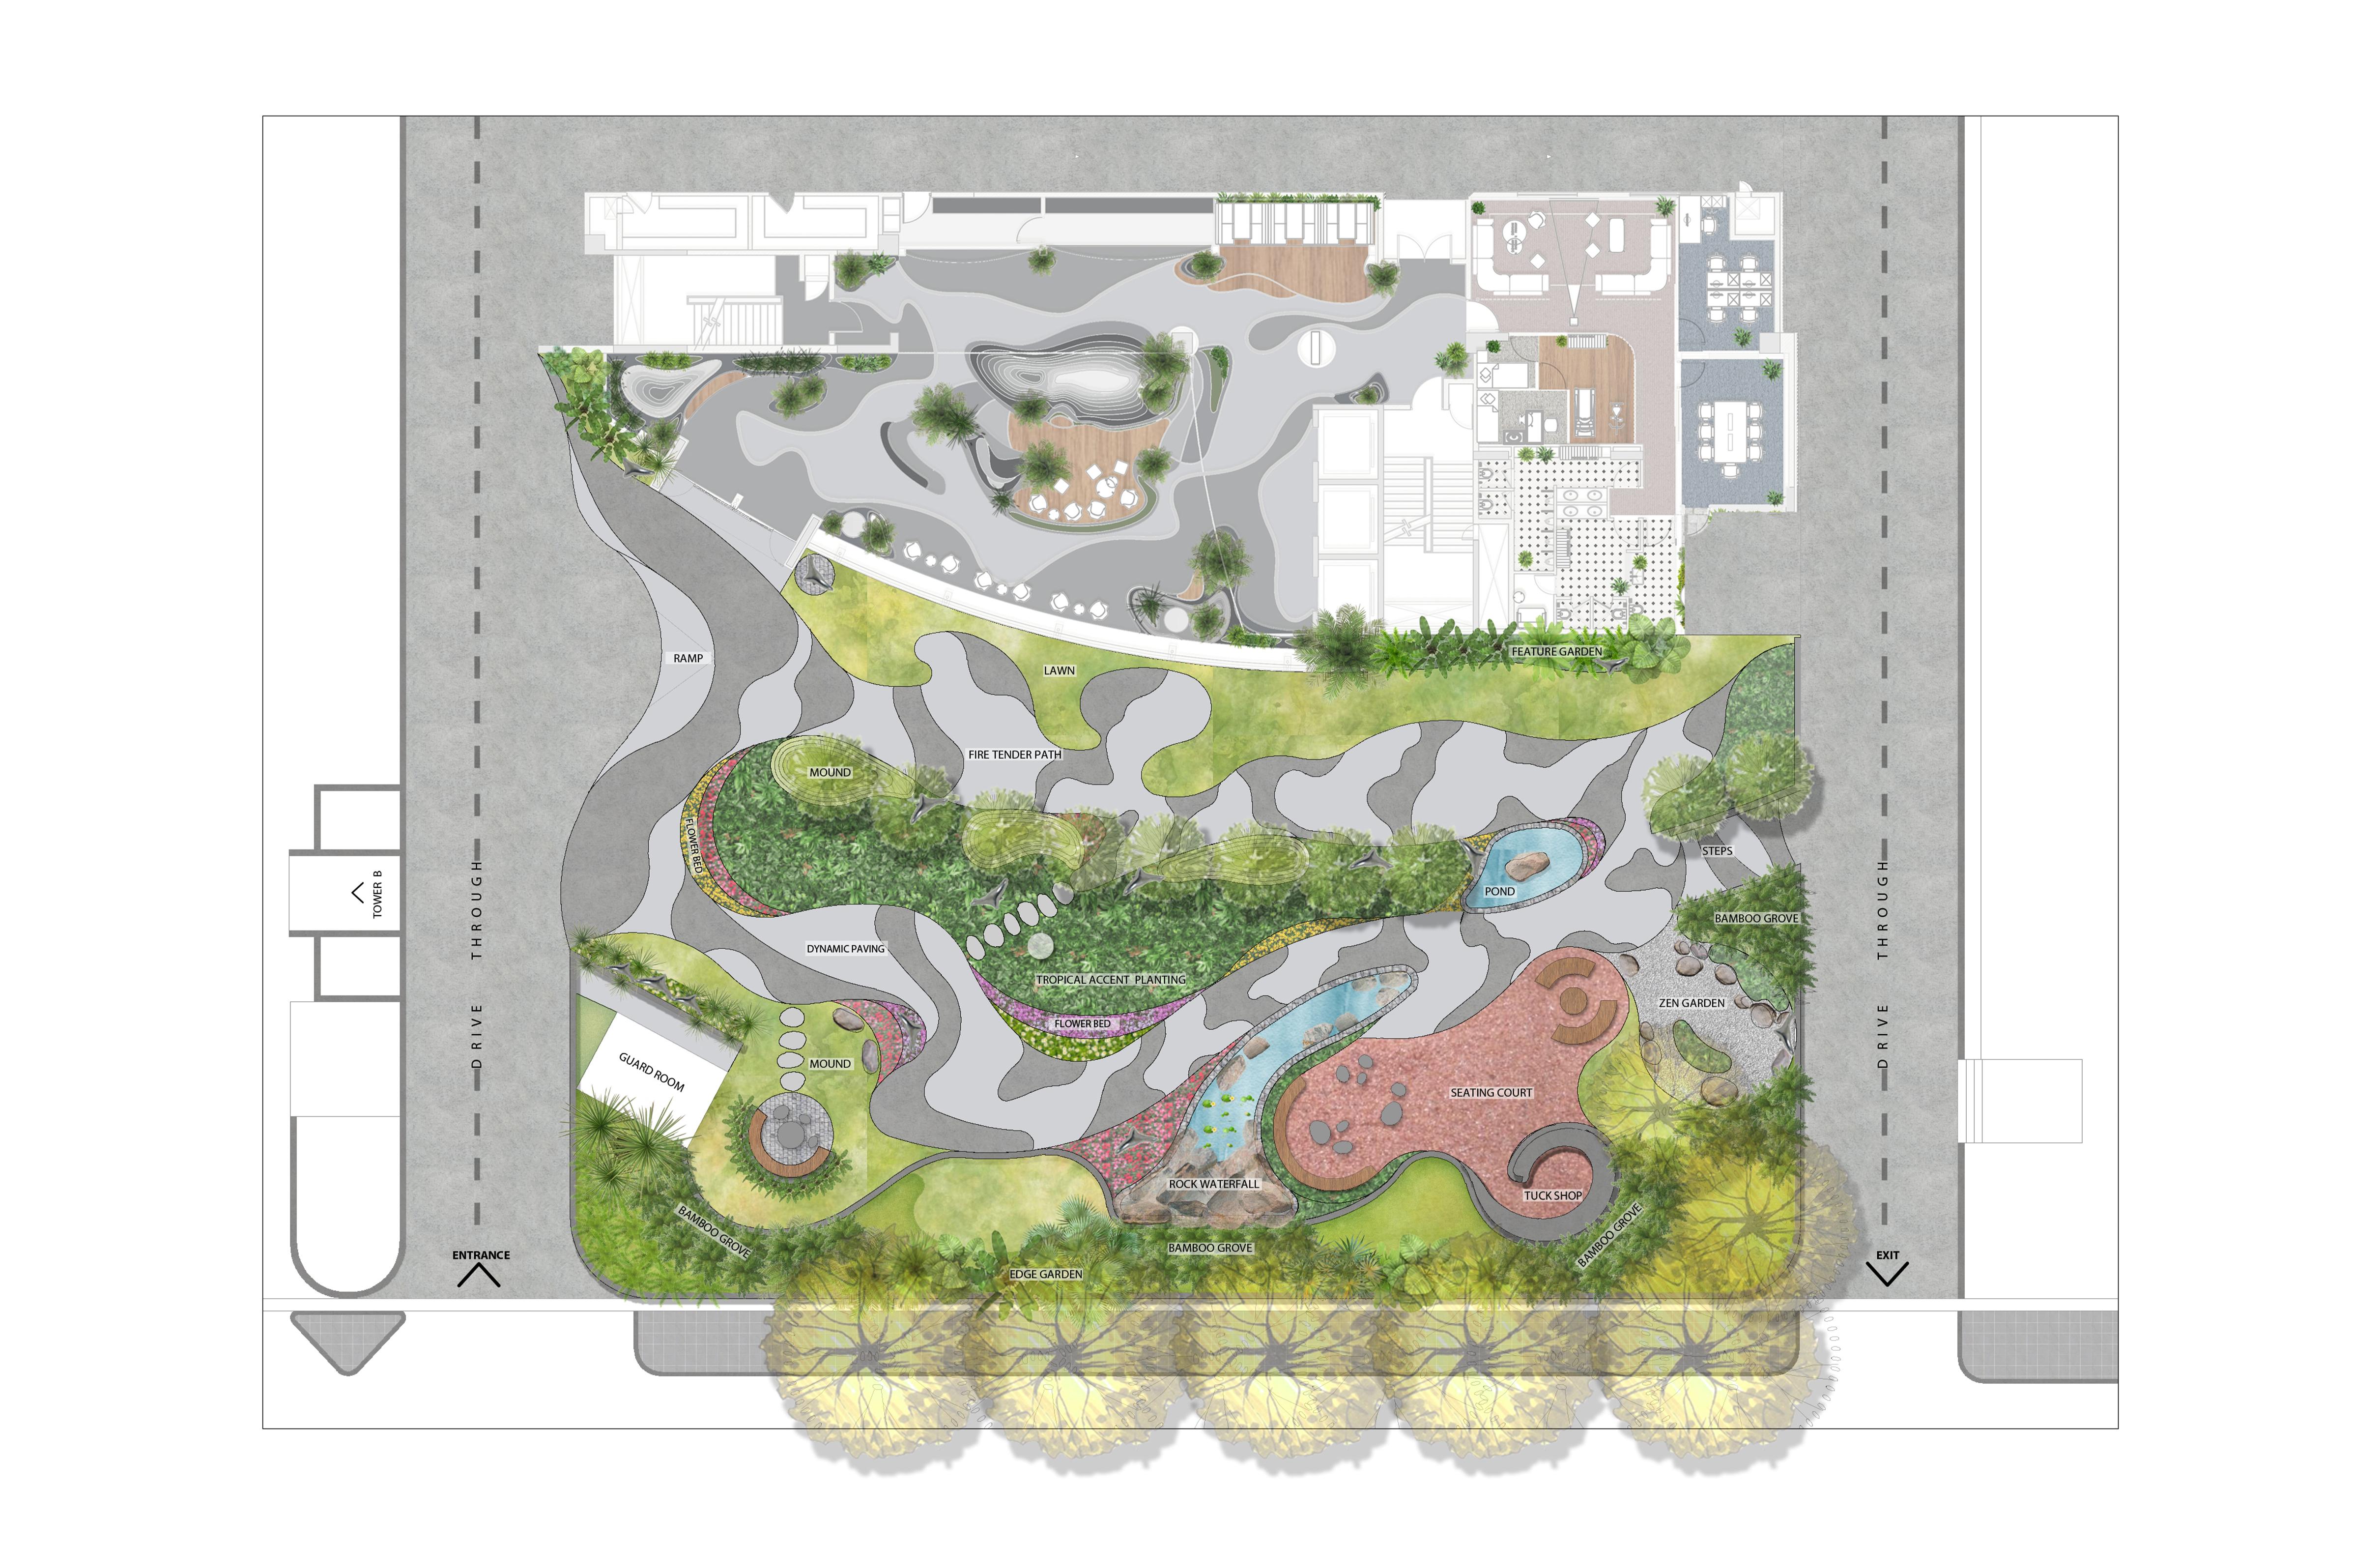 RMZ Futura Layout Plan